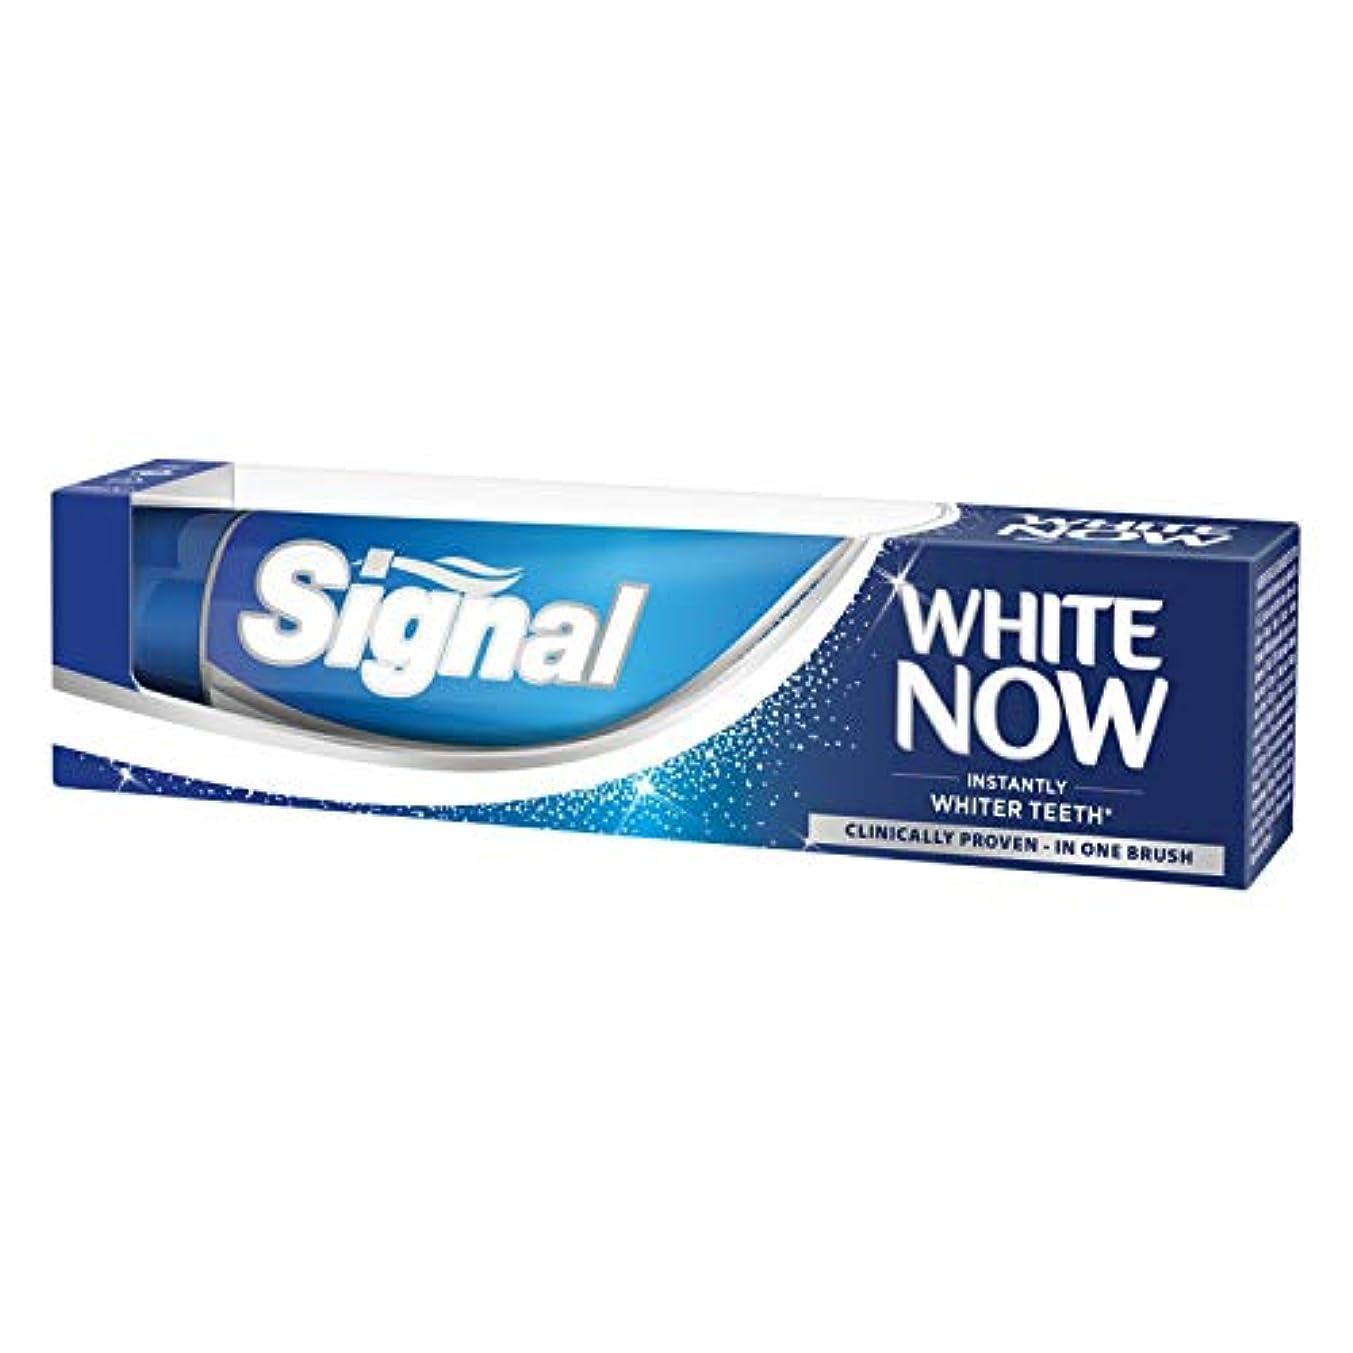 セミナー着飾る顕著Signal(シンガル) White Now「白今」 ホワイトニング歯磨き粉 インスタント効果、臨床的に証明された 75ml 3個入り [並行輸入品]